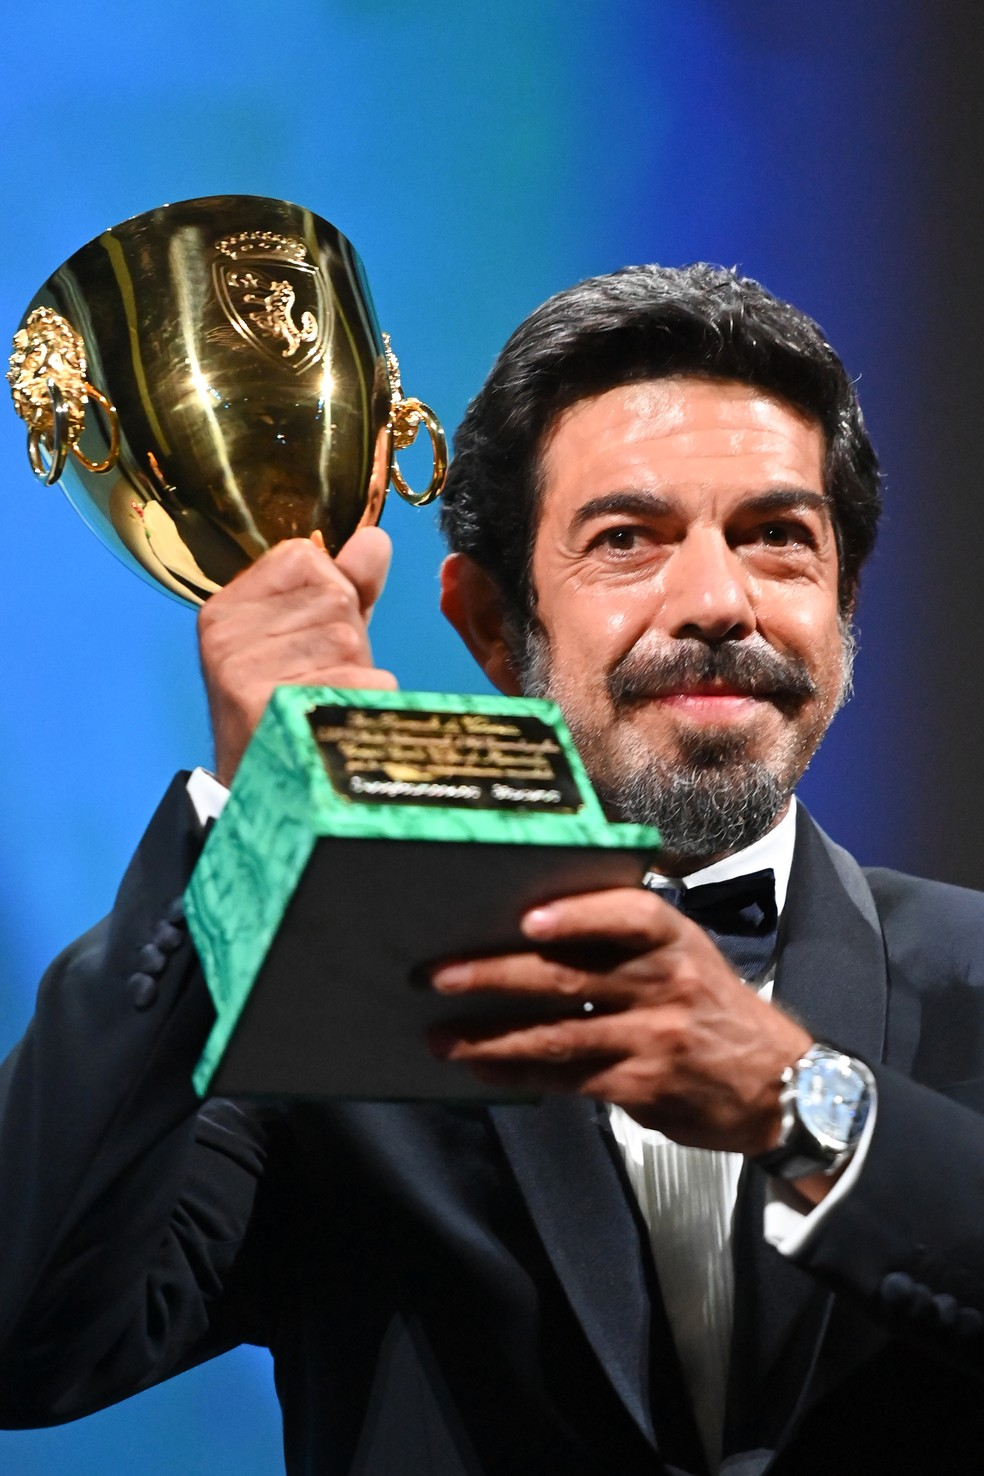 """Ator e produtor italiano Pierfrancesco Favino recebe prêmio de melhor ator por """"Padrenostro"""" no 77º Festival de Cinema de Veneza — Foto: Alberto PIZZOLI / AFP"""